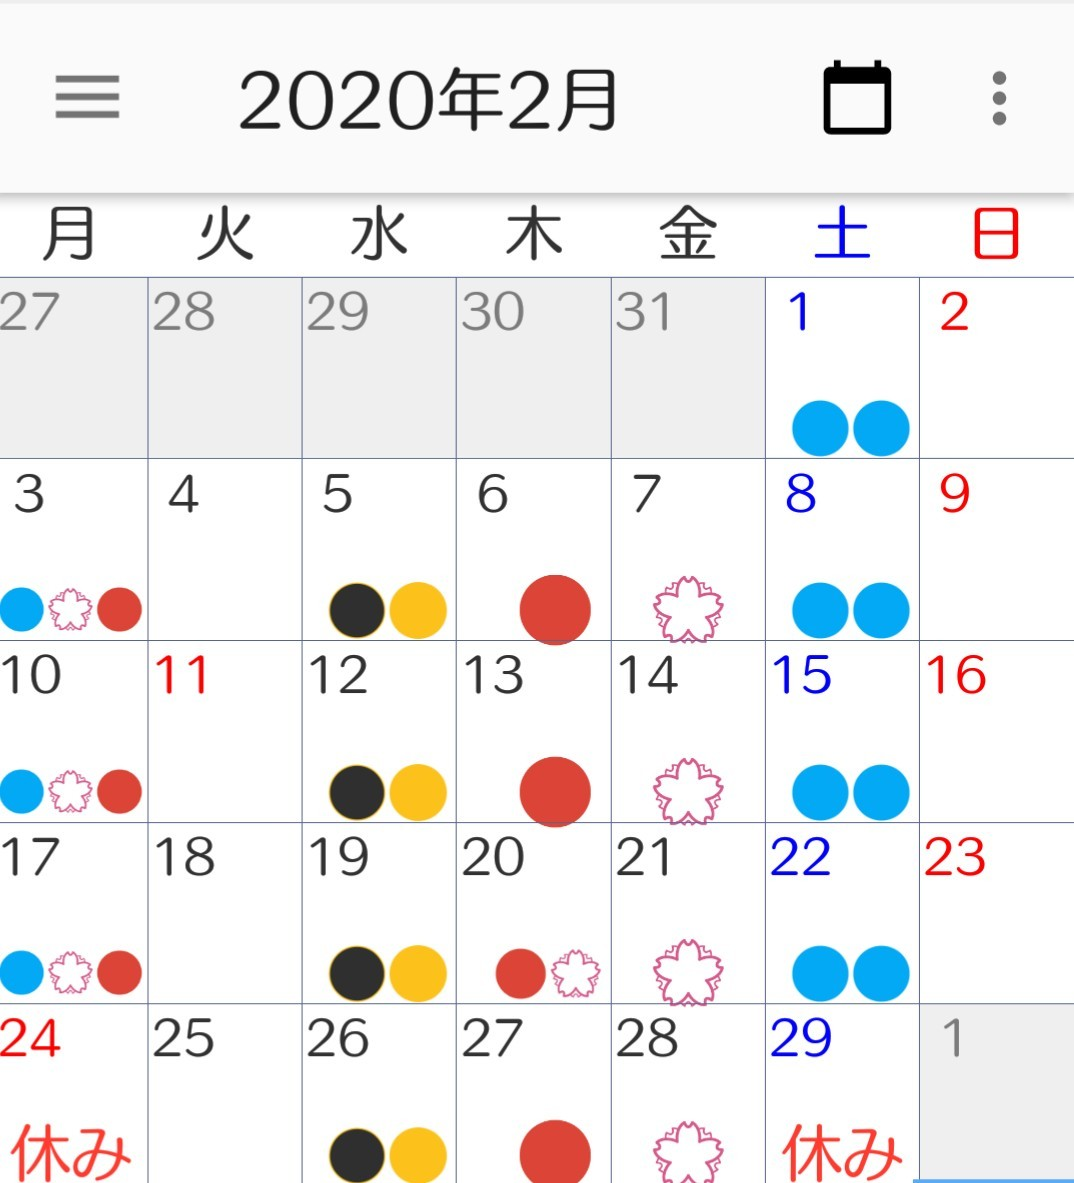 2020年2月の予定・カレンダー_c0366378_09032886.jpg